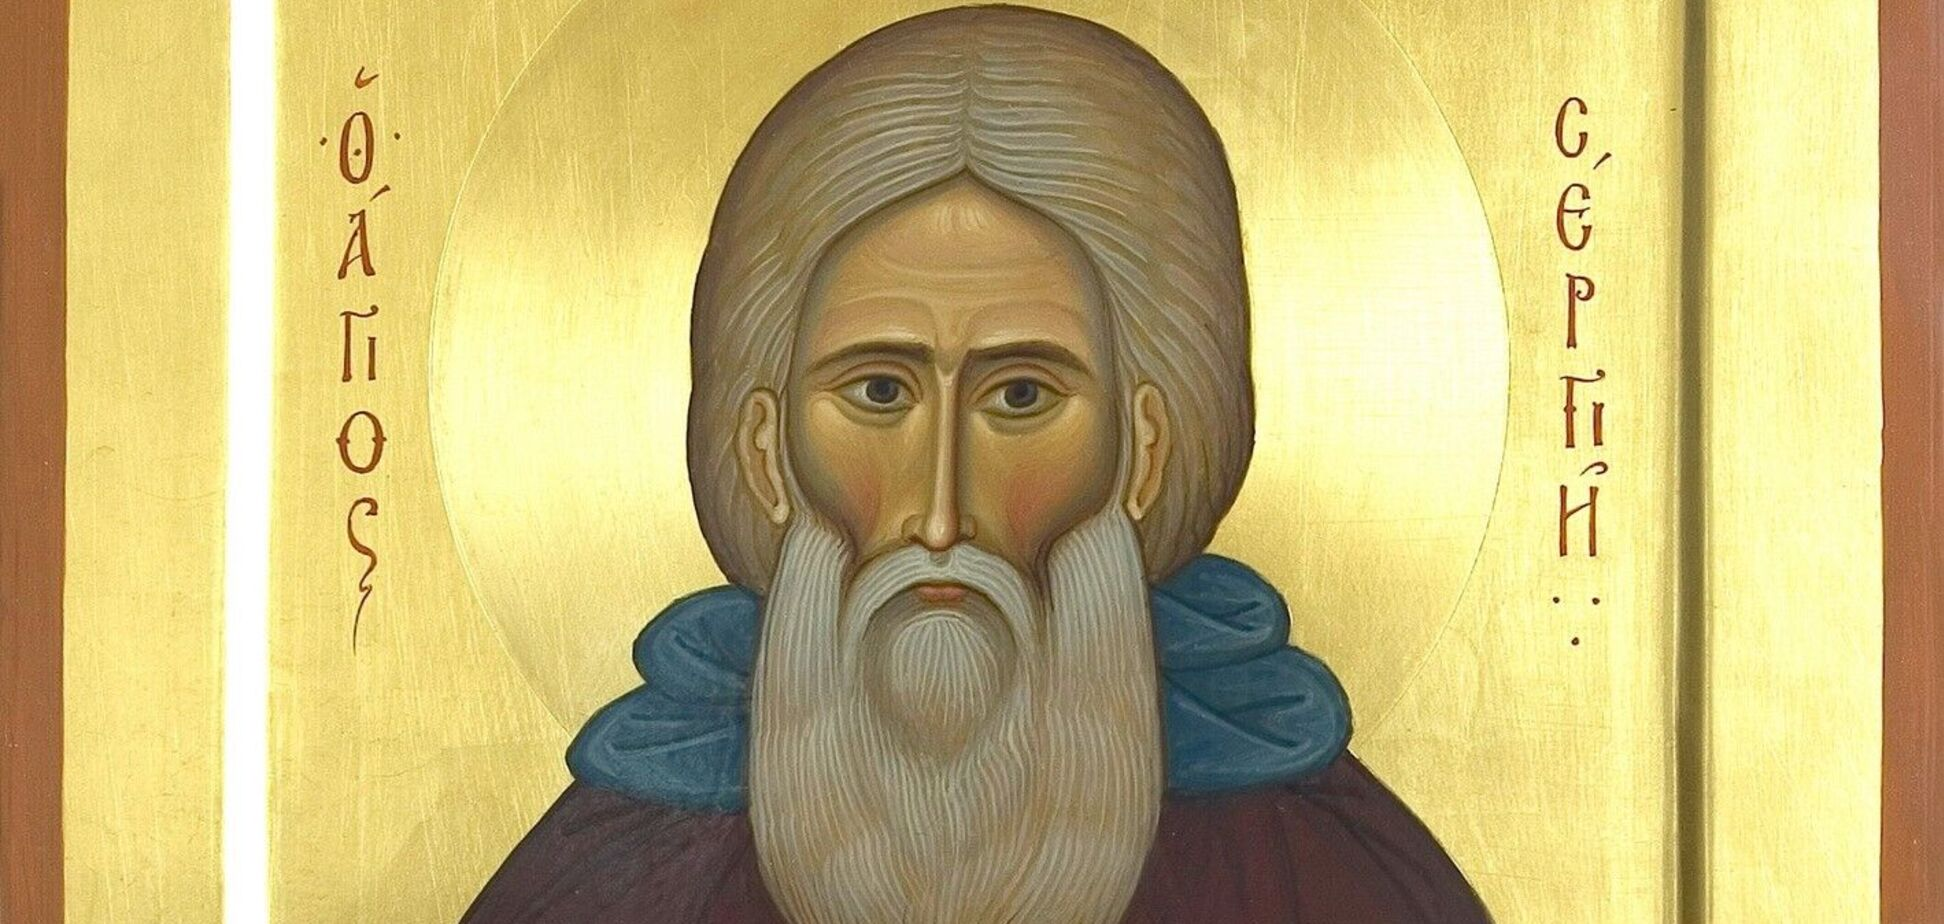 8 жовтня православні шанують преподобного Сергія Радонезького